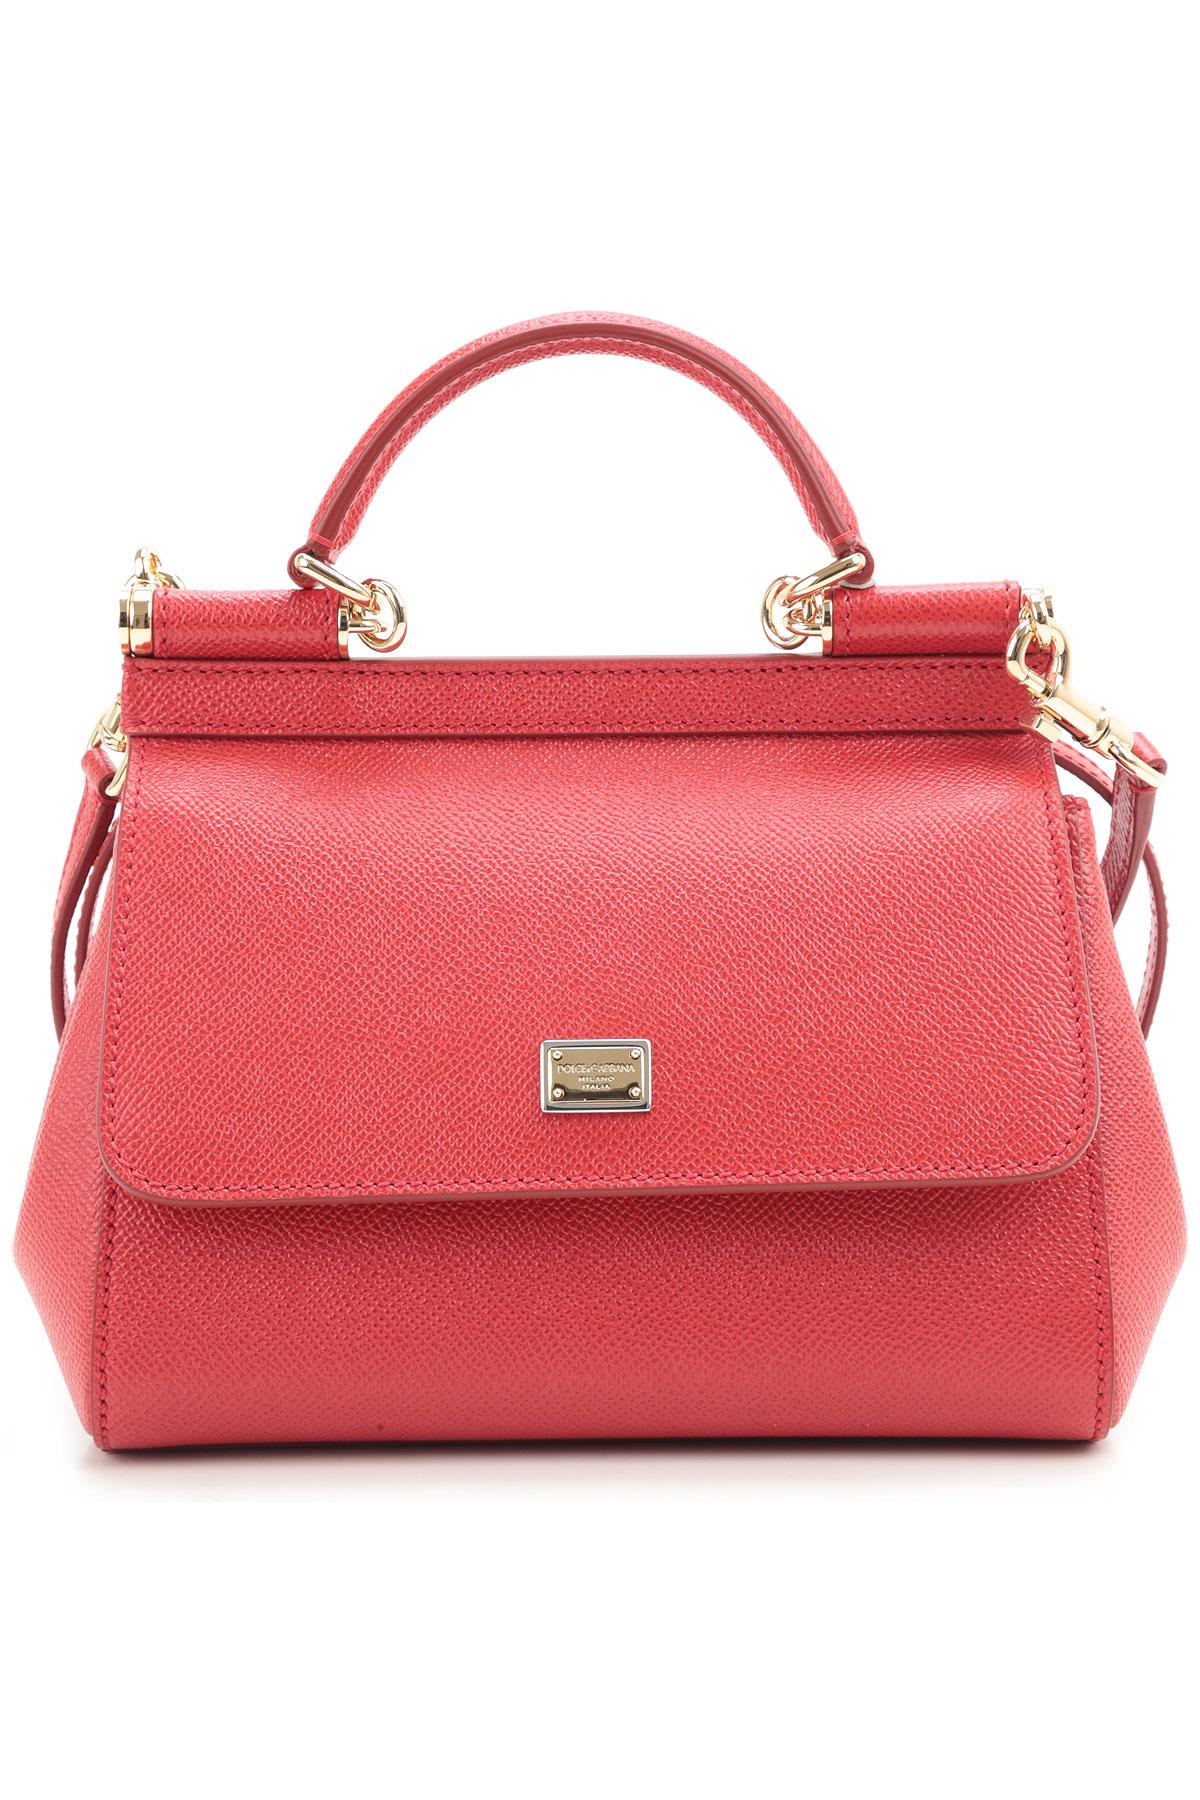 6ca36daafc Dolce   Gabbana. Handbags